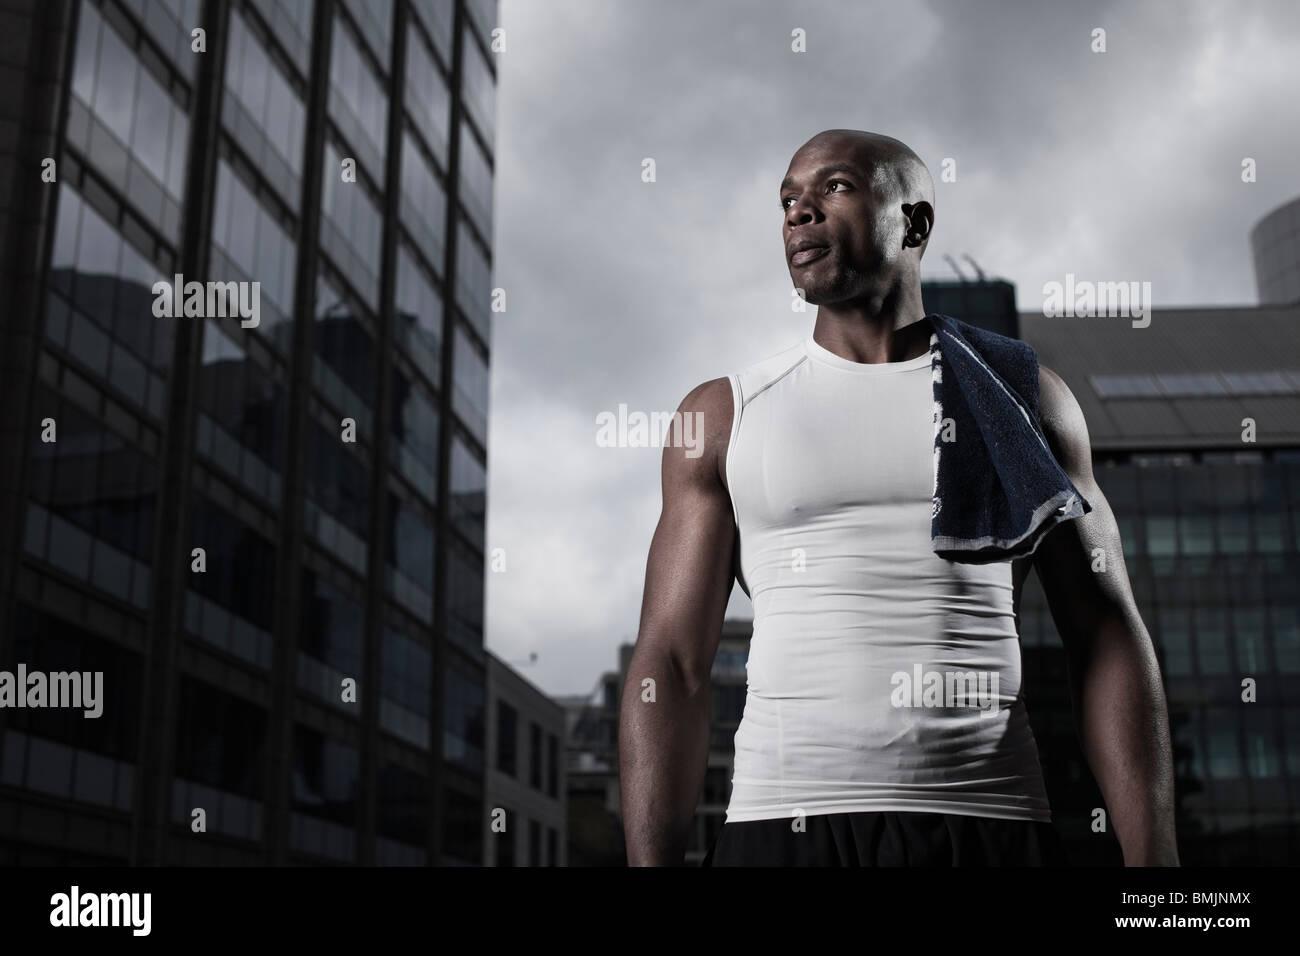 Colocar hombre vestido con ropa deportiva backgrounded por los edificios de la ciudad moderna Imagen De Stock